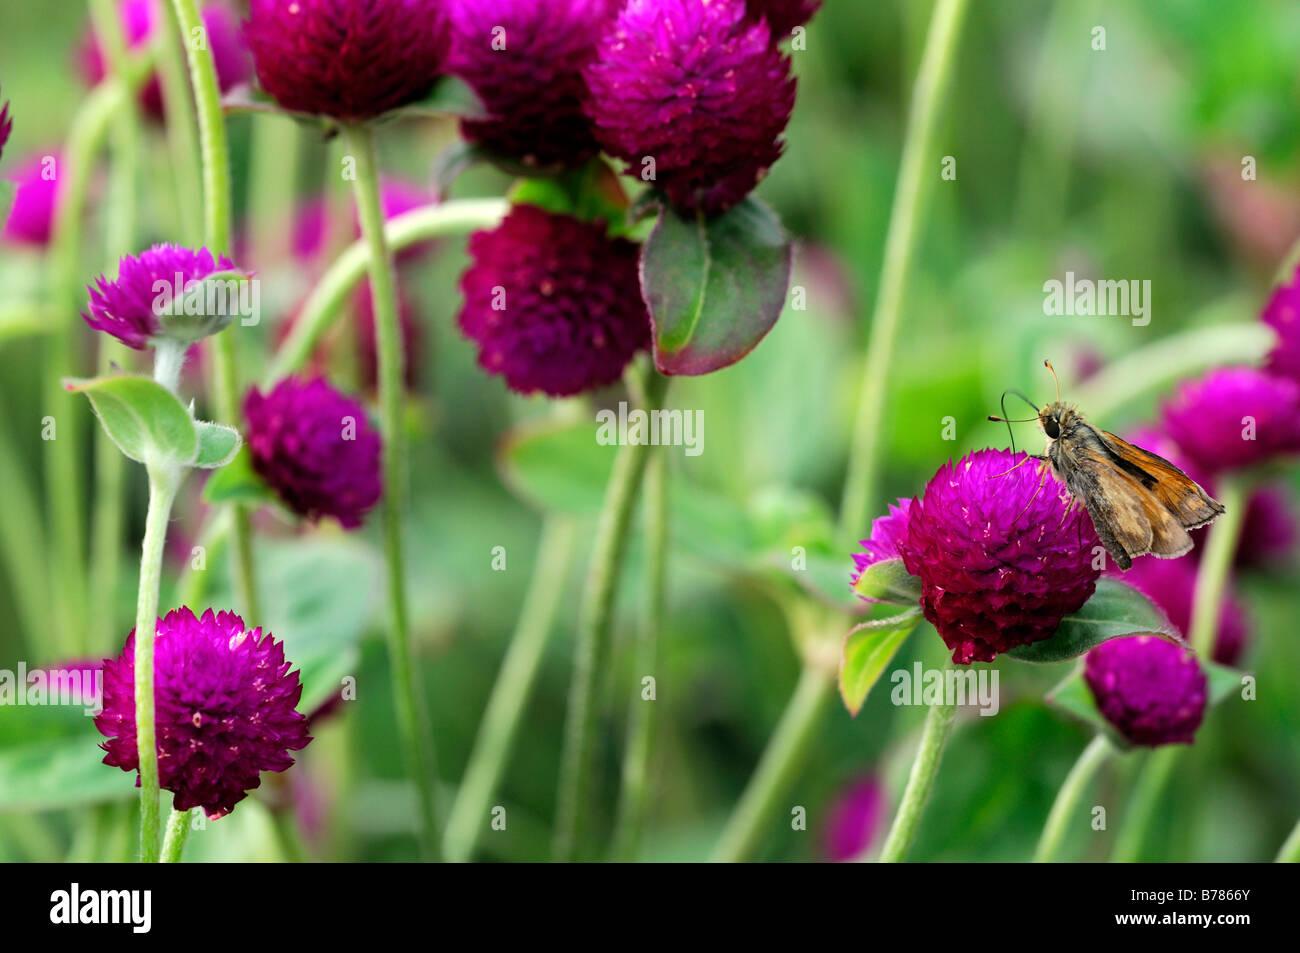 Gomphrena globosa 'tutto viola' Globe fiore di amaranto bloom fiore lilla viola Immagini Stock